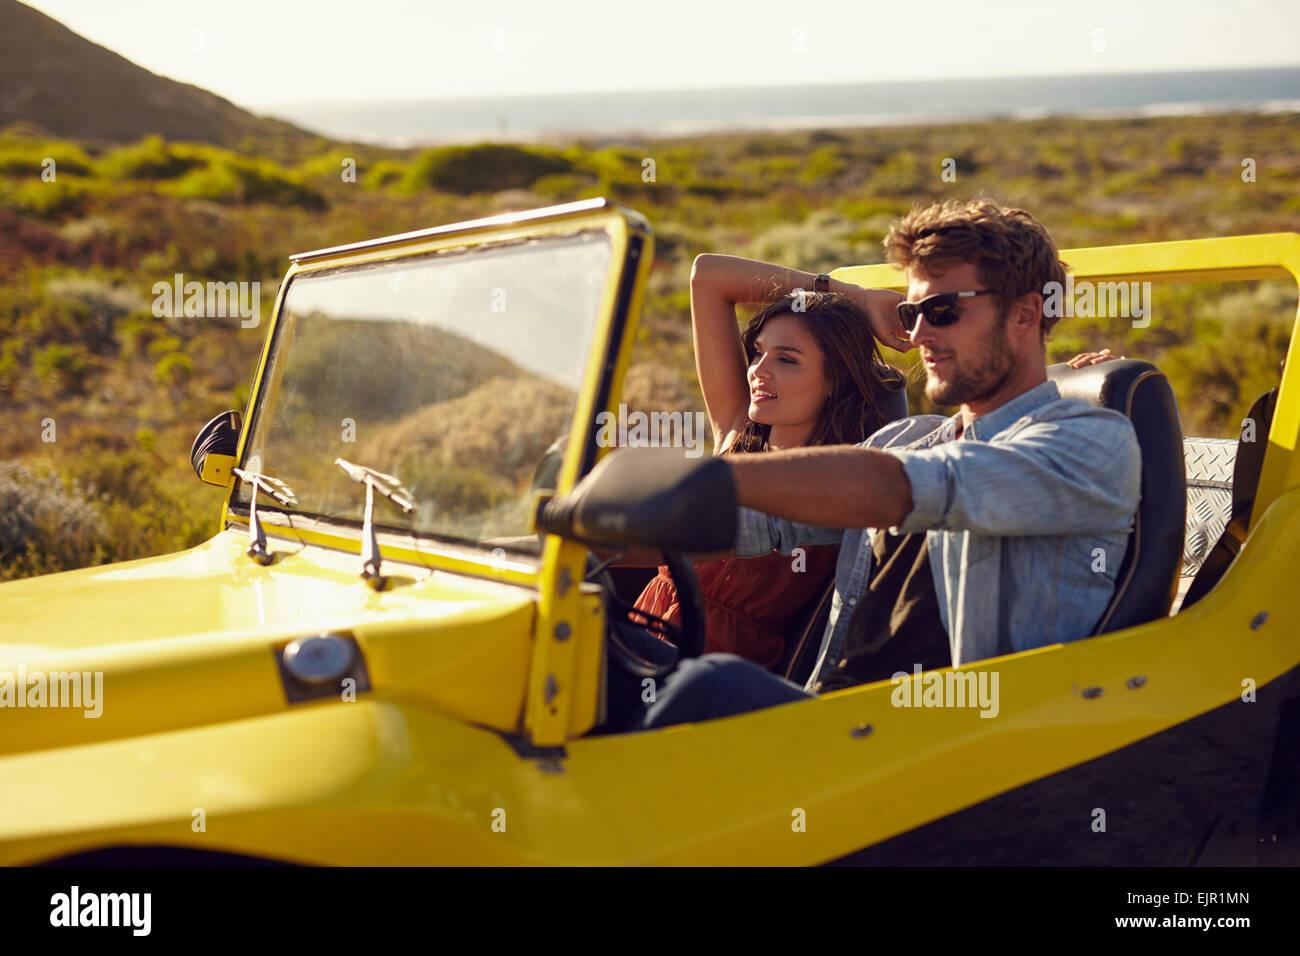 Jeune couple au volant de leur voiture sur un roadtrip. Beau jeune homme avec sa petite amie sur une maison de vacances. Photo Stock